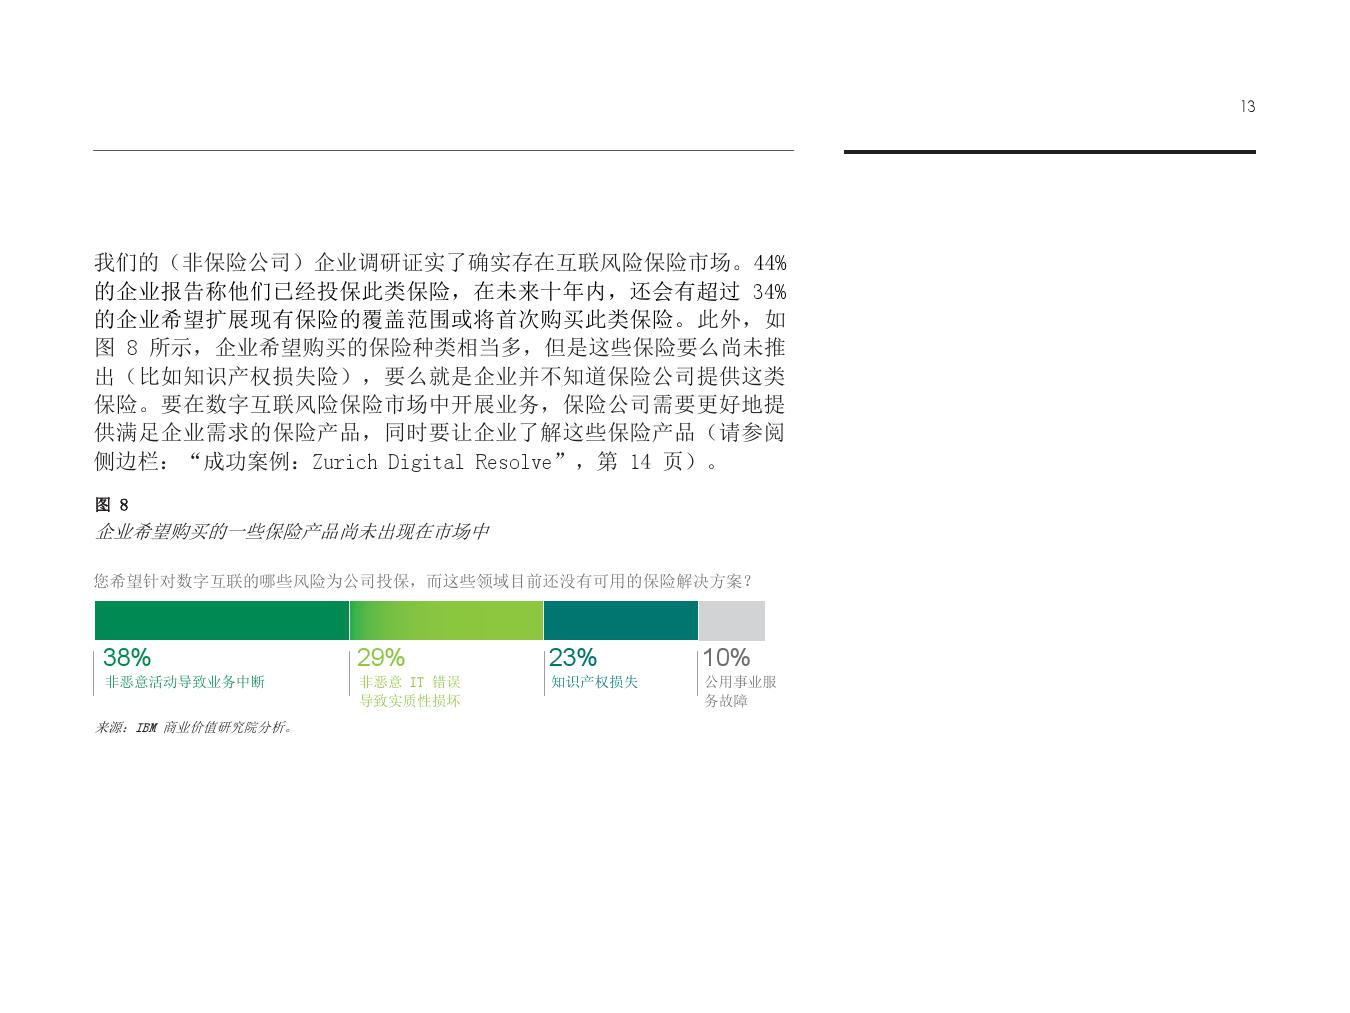 %e6%95%b0%e5%ad%97%e5%8c%96%e4%ba%92%e8%81%94%e4%b8%96%e7%95%8c%e4%b8%ad%e7%9a%84%e4%bf%9d%e9%99%a9%e4%b8%9a%e5%92%8c%e9%a3%8e%e9%99%a9_000015